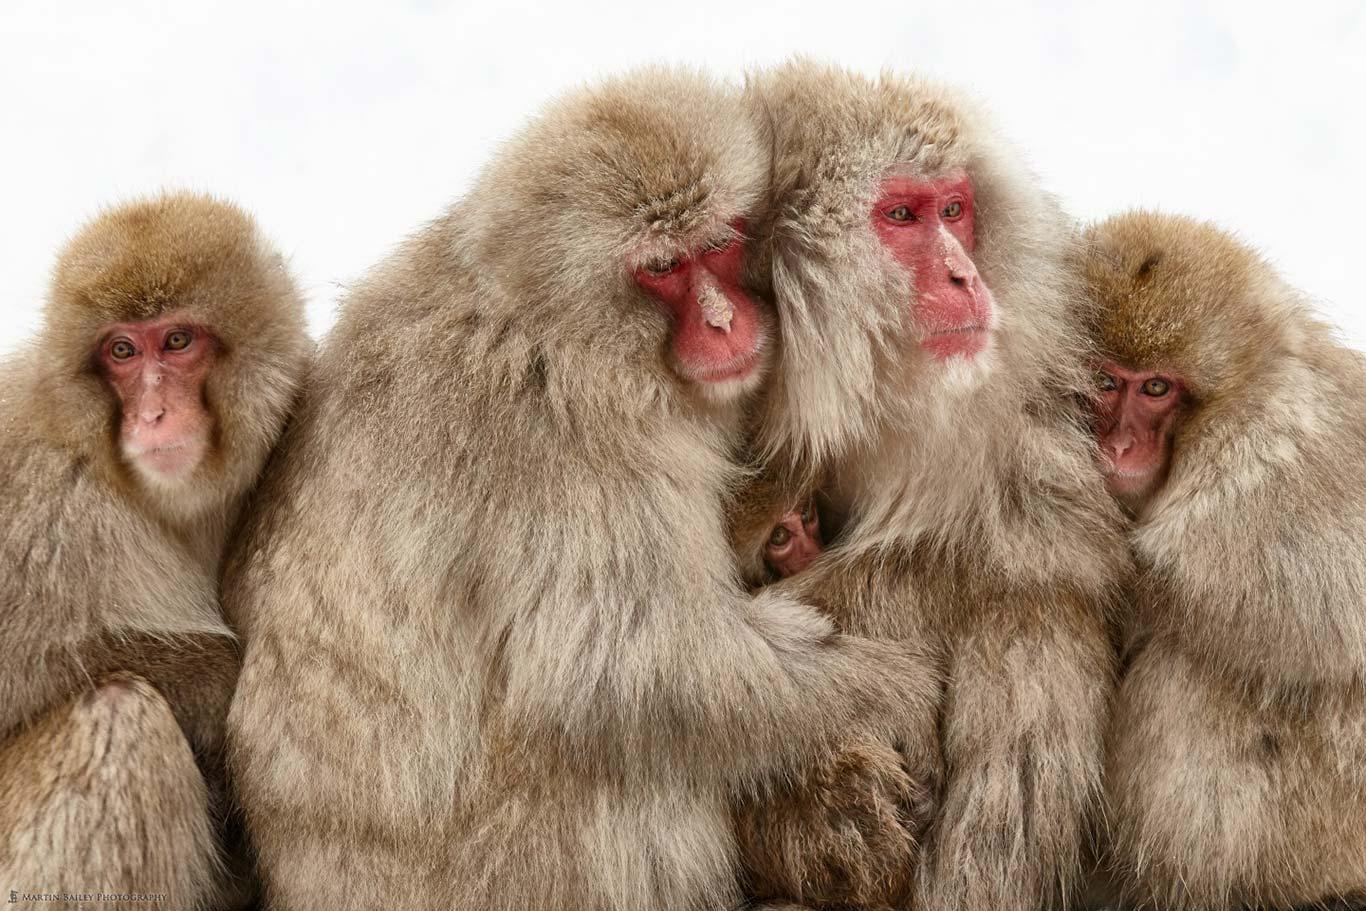 snow monkeys in japan by Martin Bailey